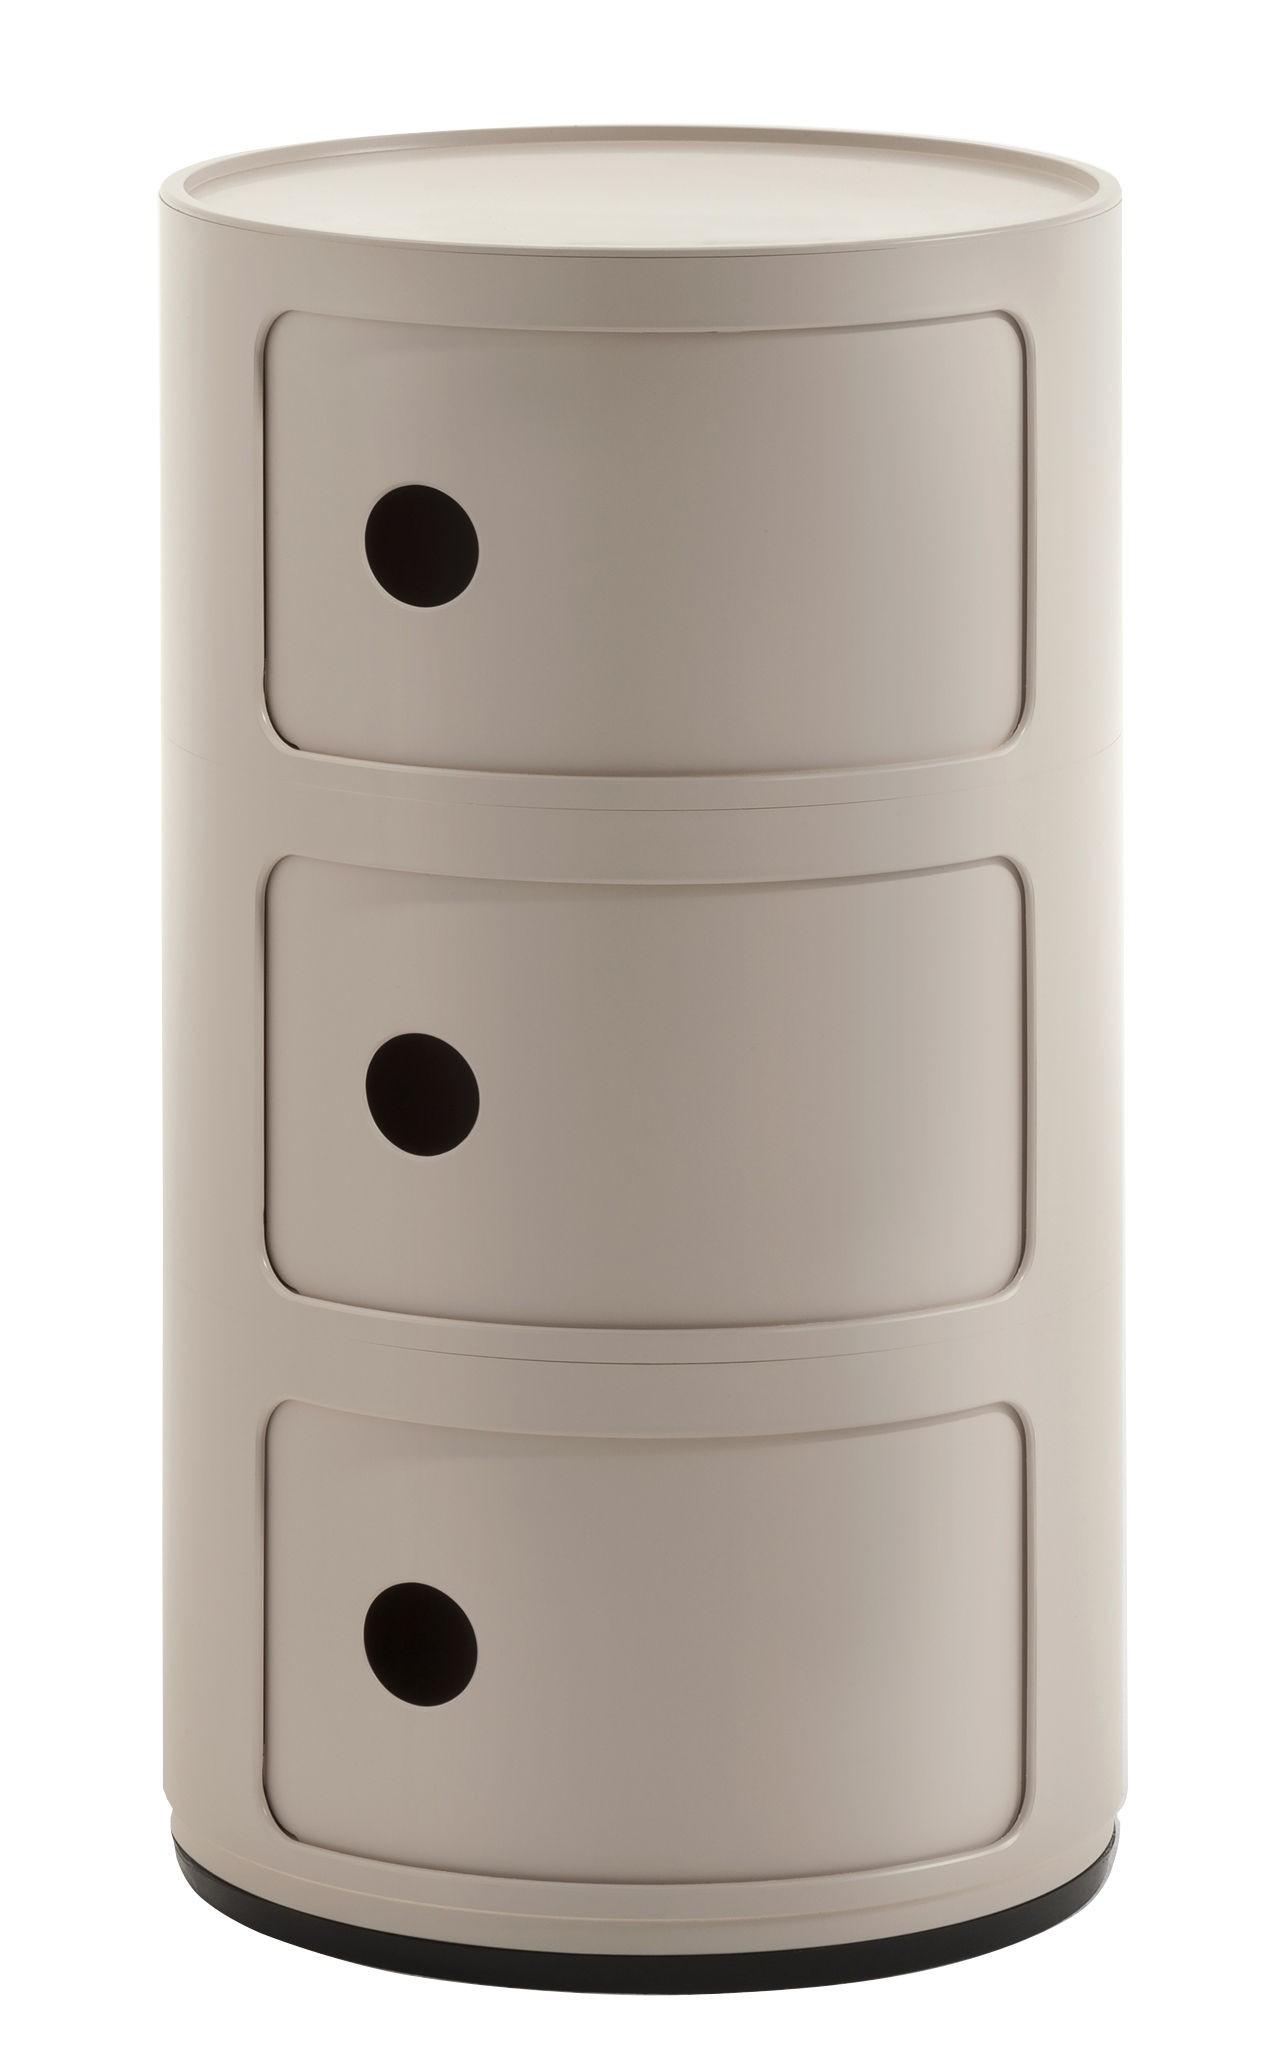 Table De Chevet Componibili meuble de rangement componibili bio de kartell, crème